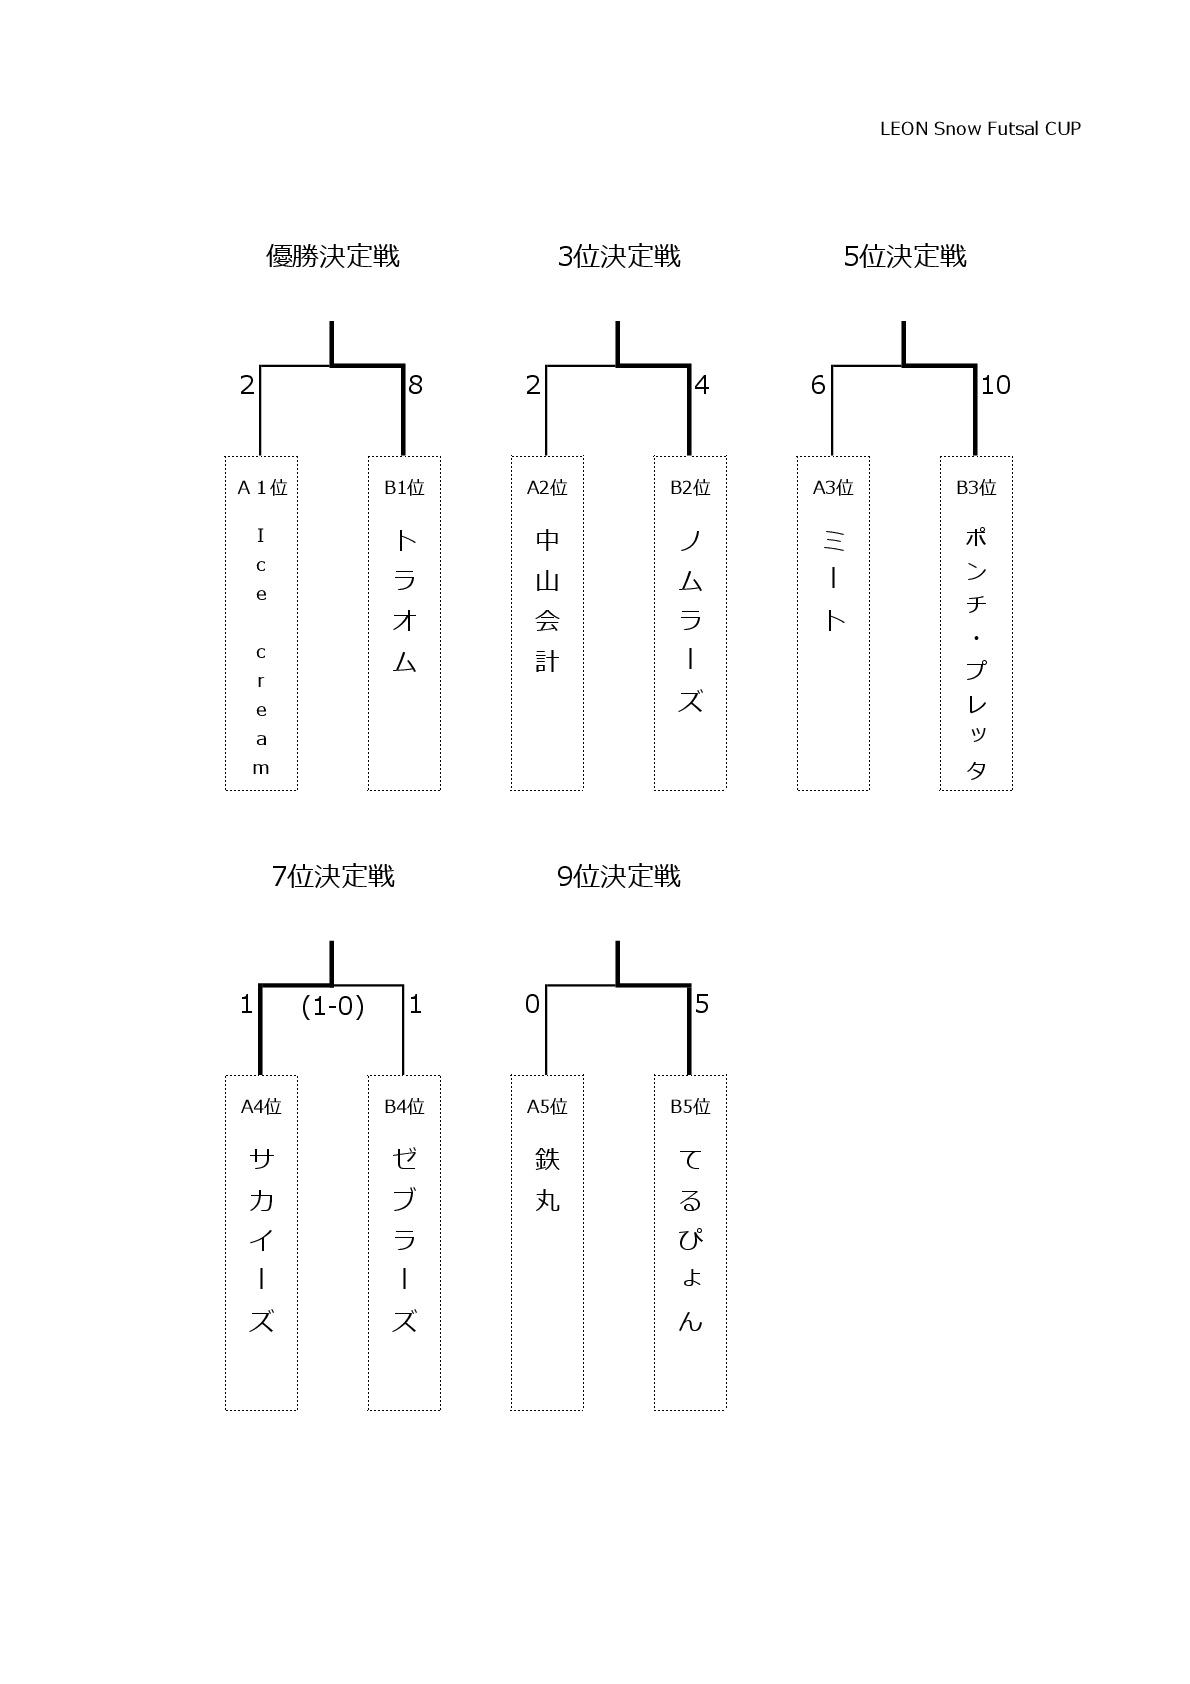 5.順位決定戦(10チーム)-001